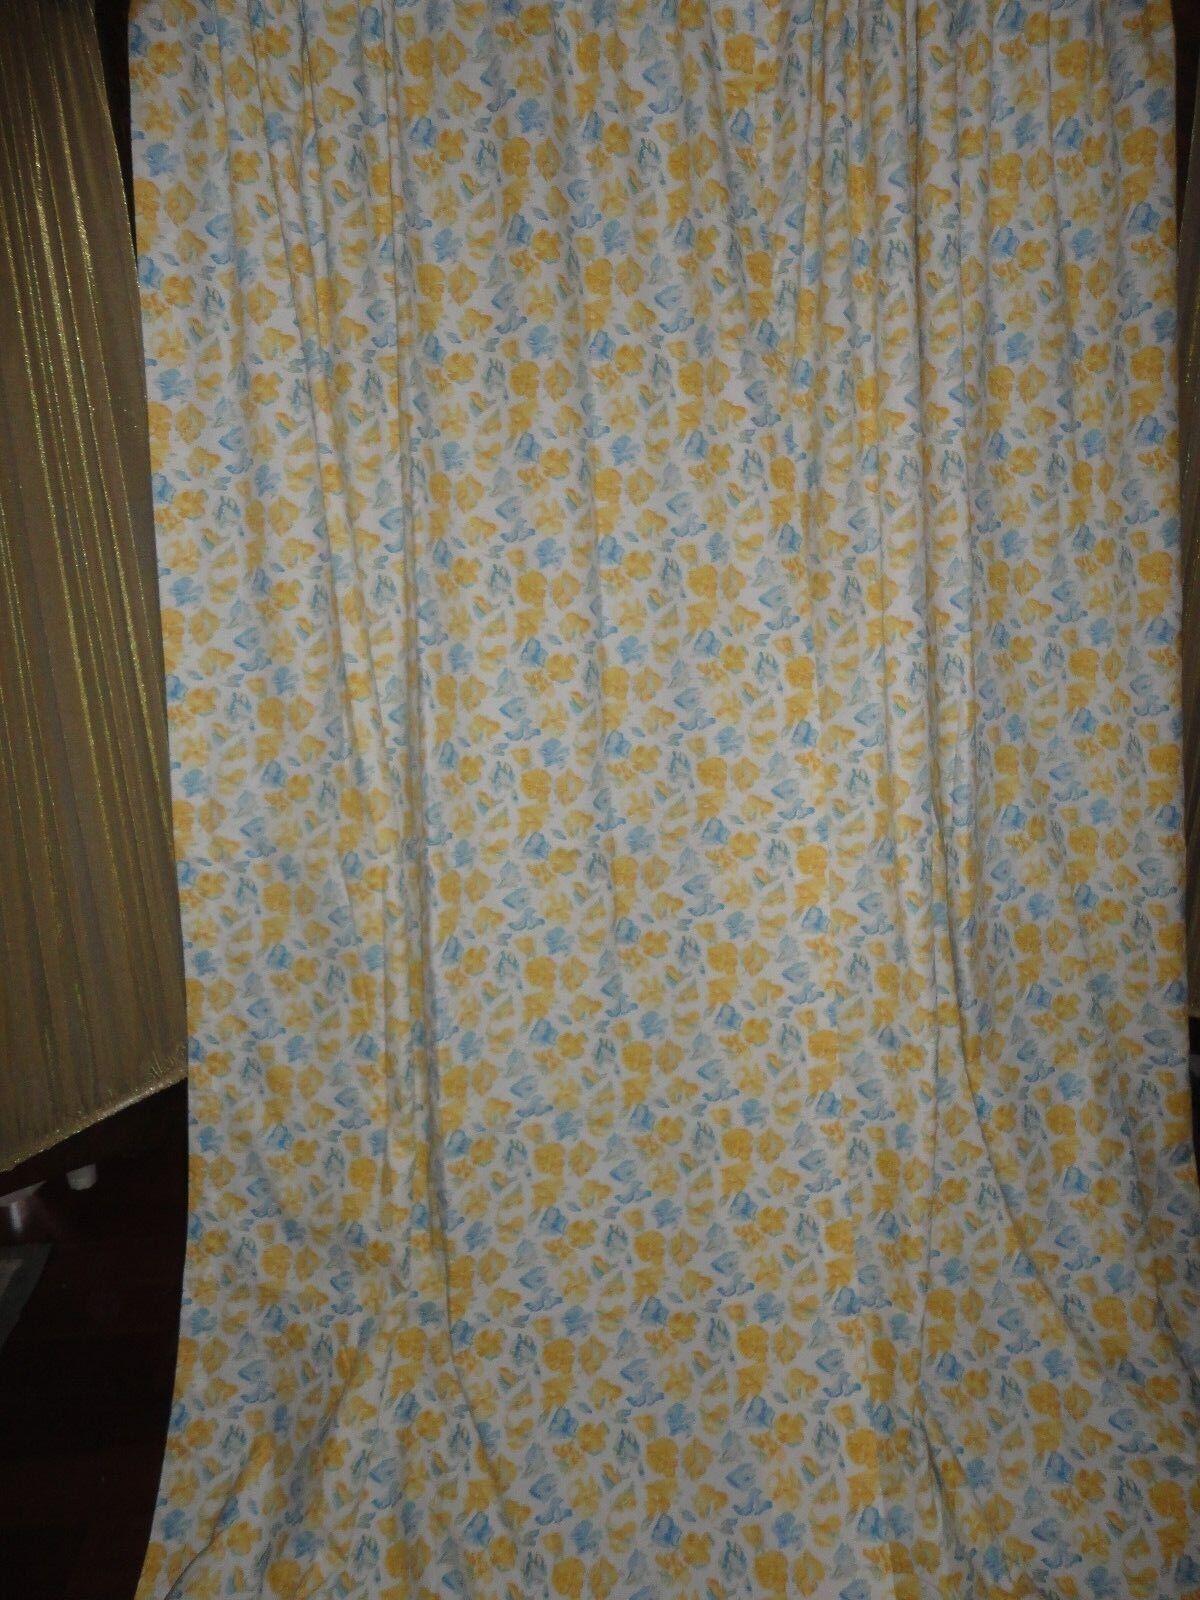 LAURA ASHLEY CHARLOTTE CONFETTI Blau Gelb FLORAL (3) LINED CURTAIN 41 X 84